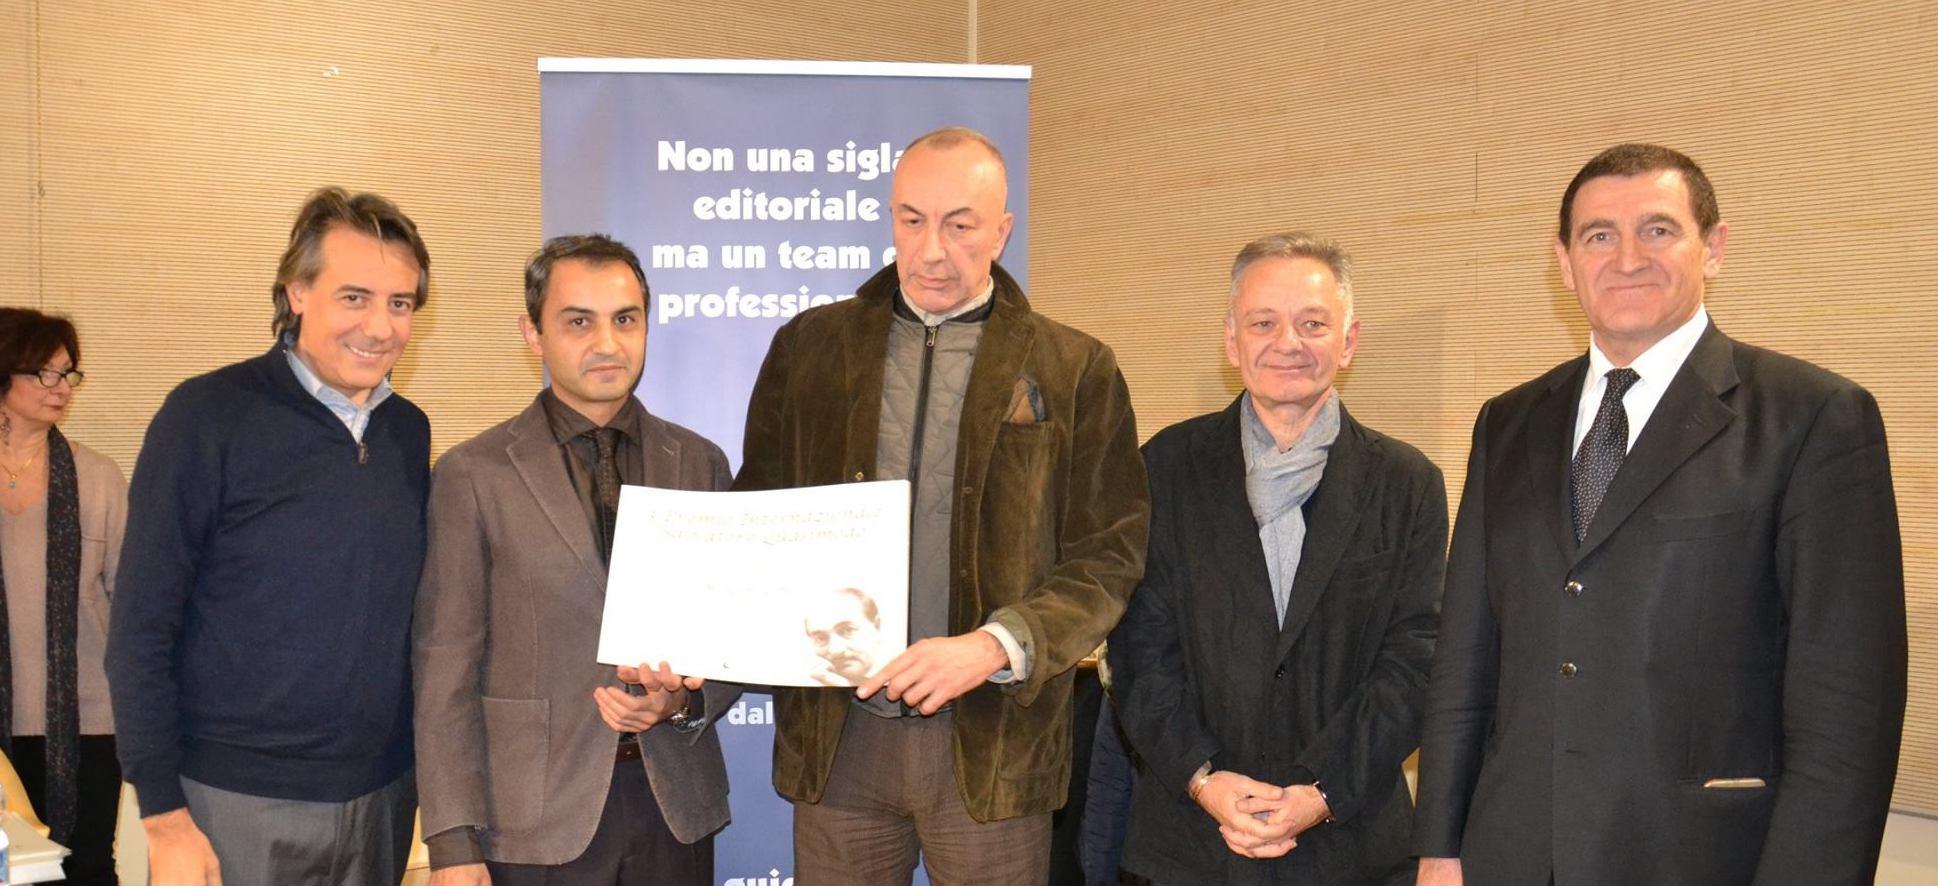 Tivoli, il premio Quasimodo premia quindici artisti